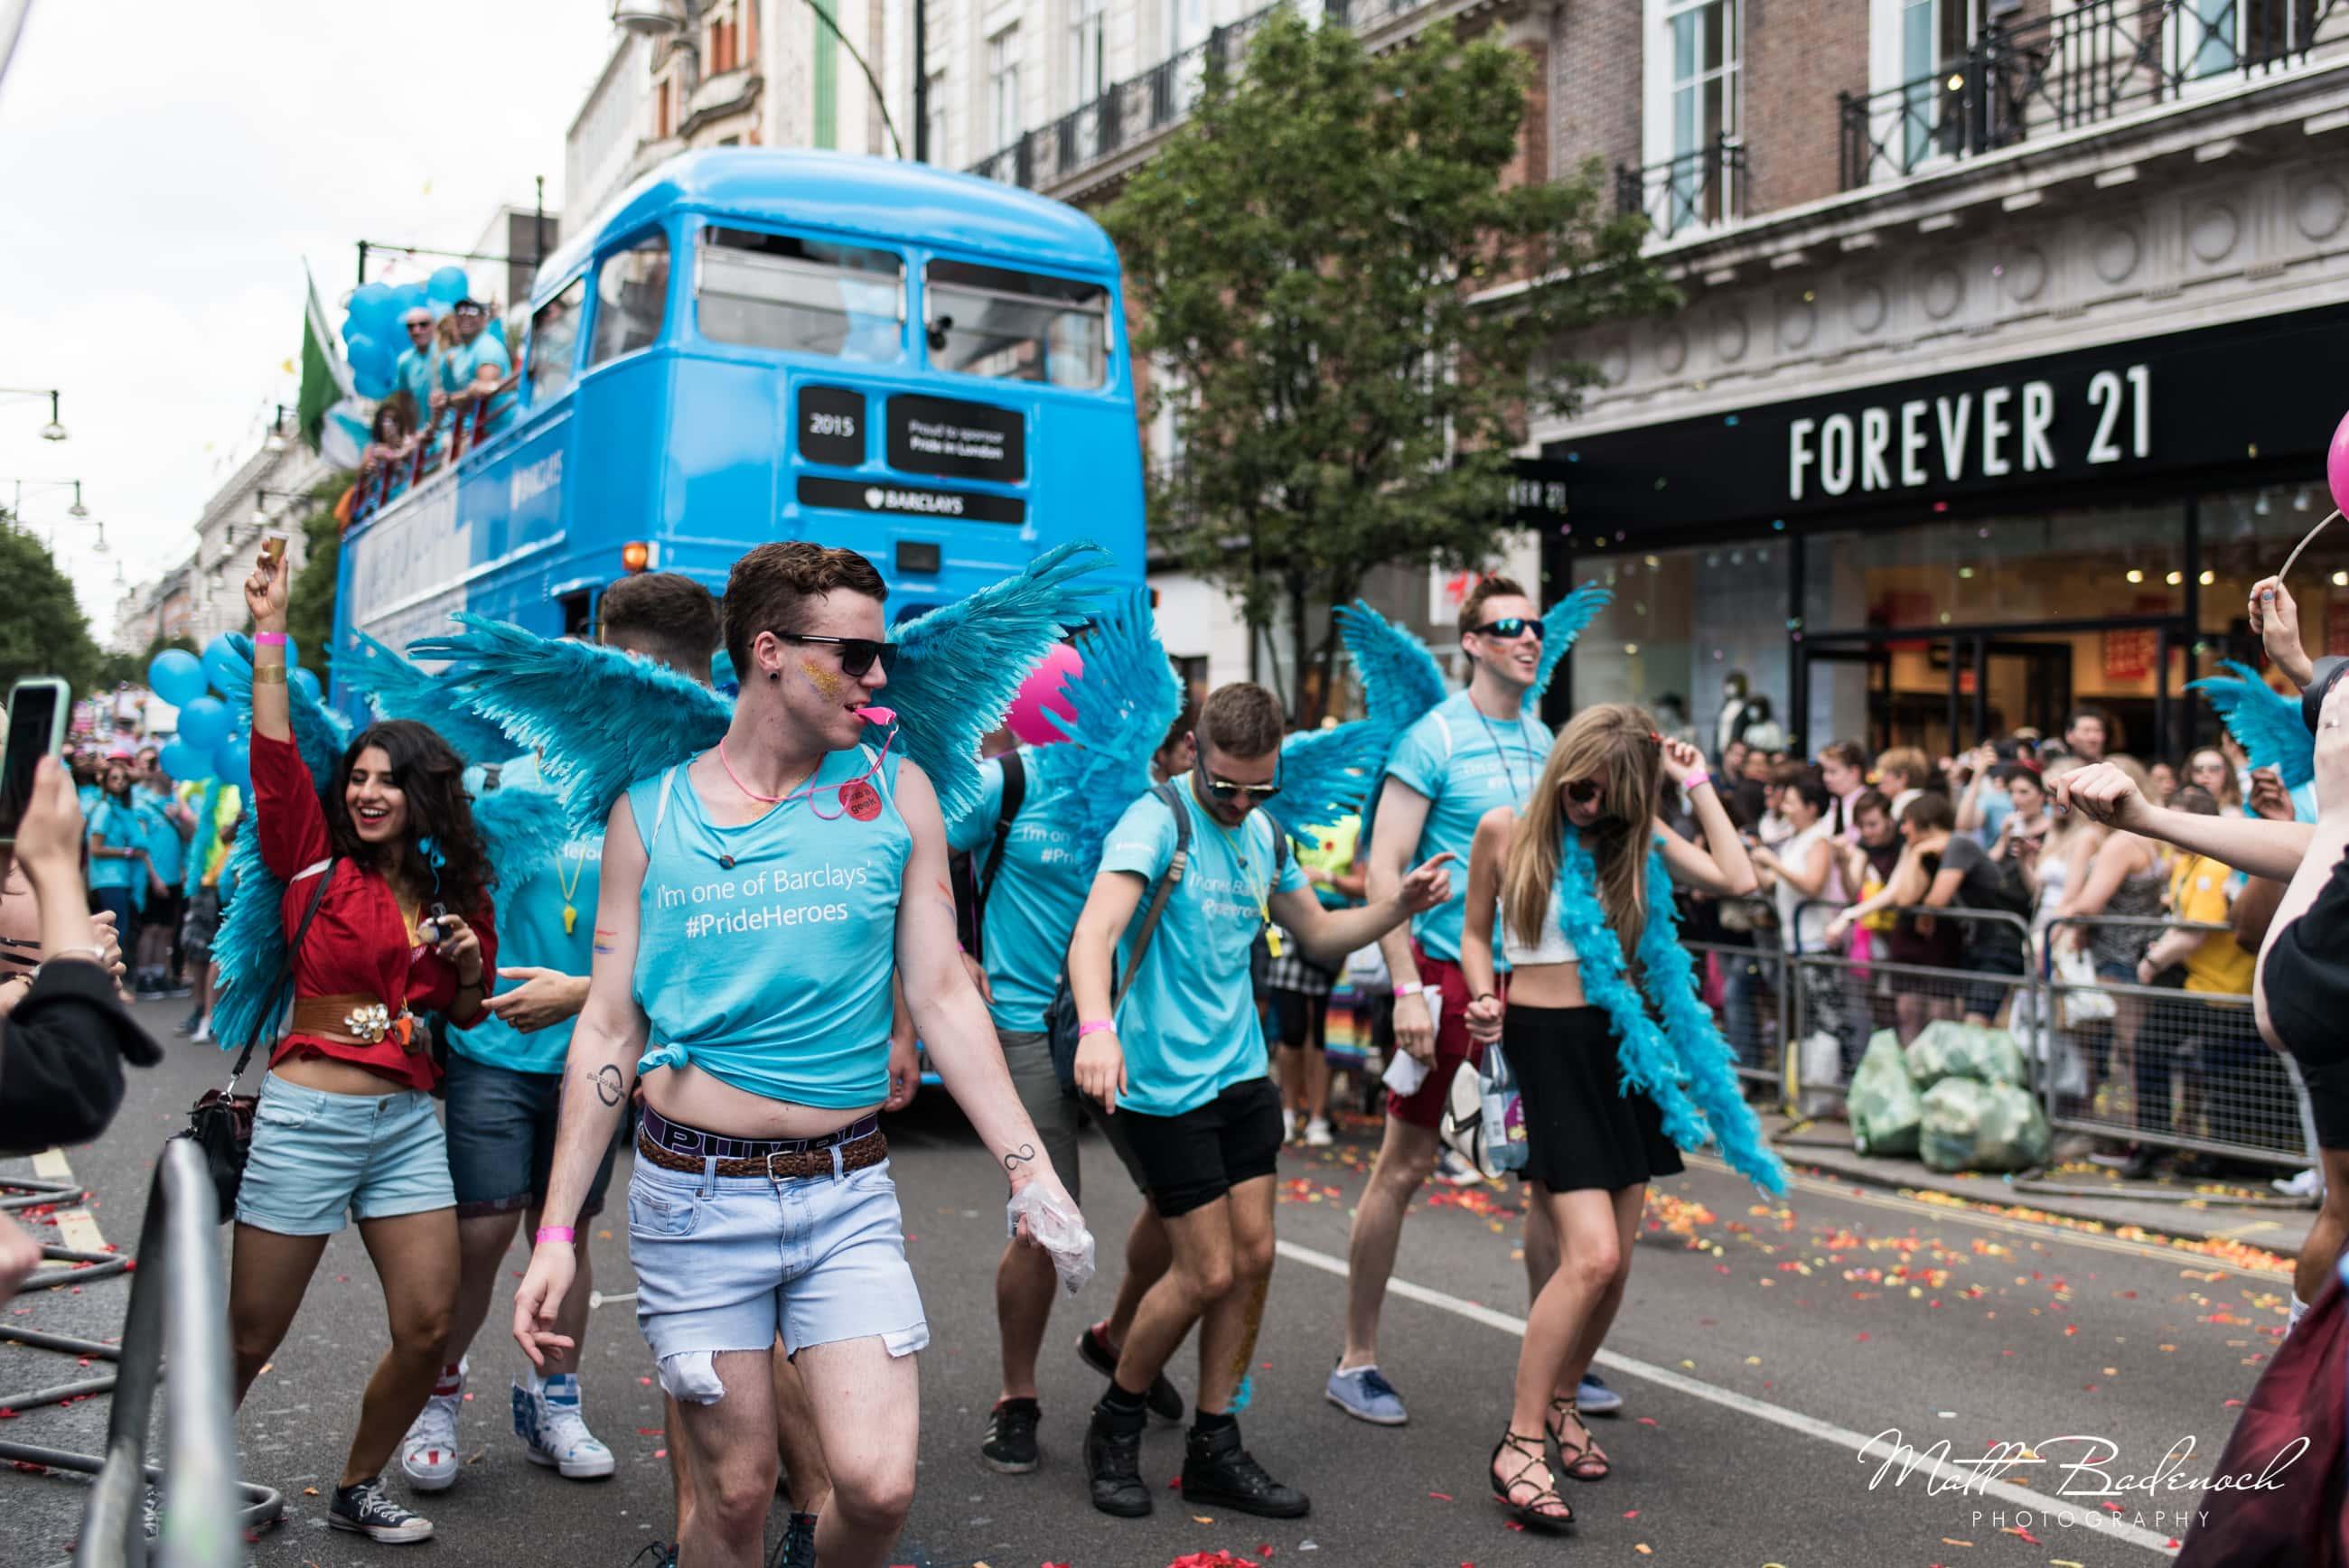 gay pride march london